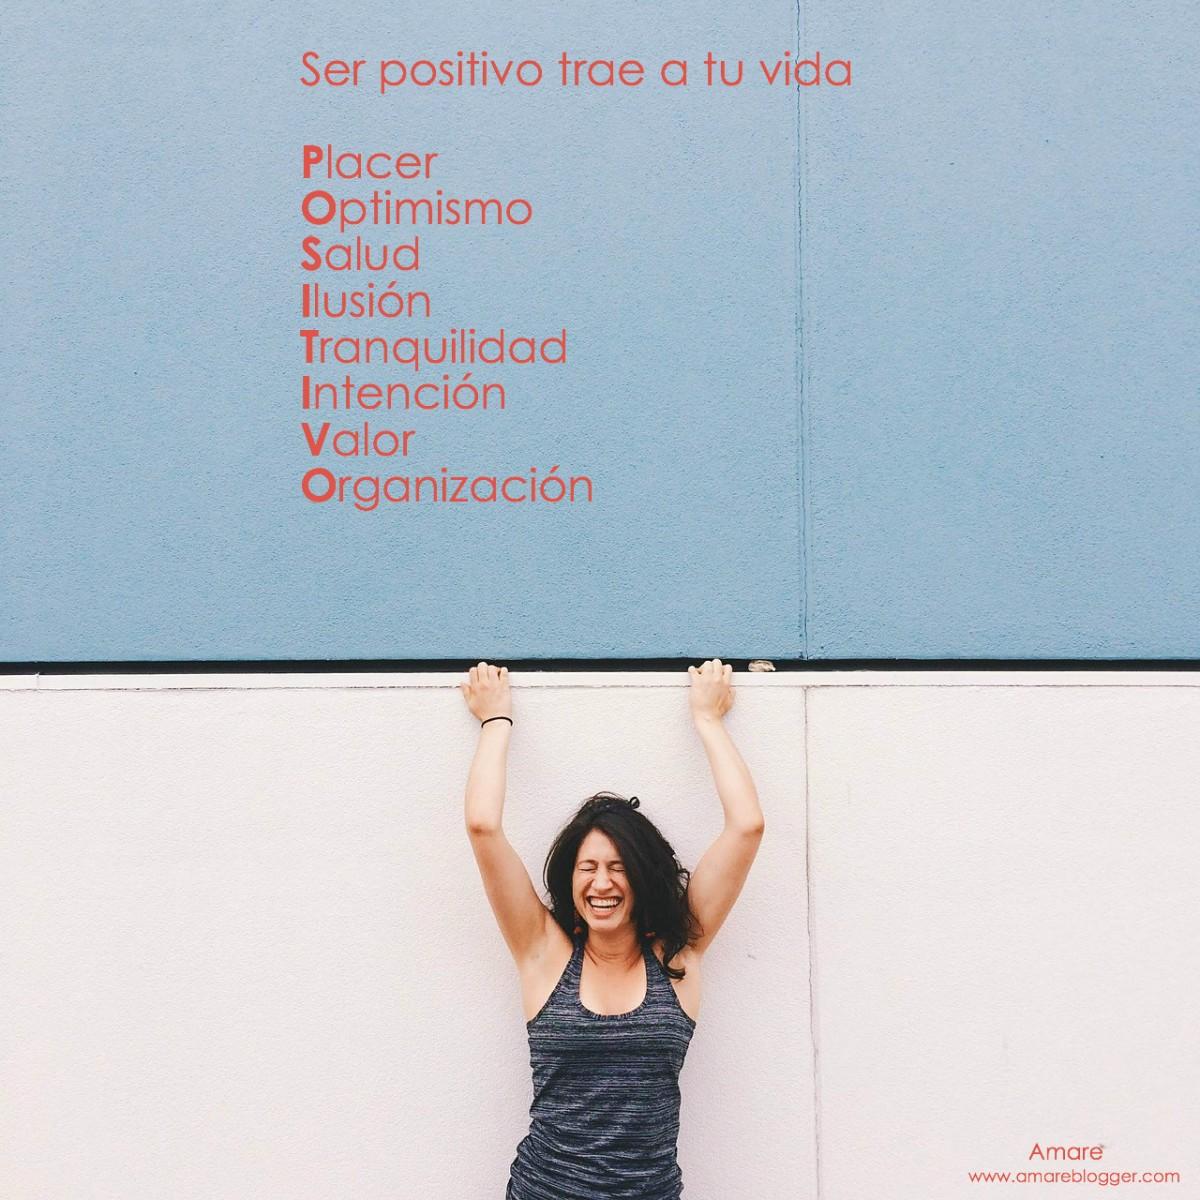 ser-positivo-vida